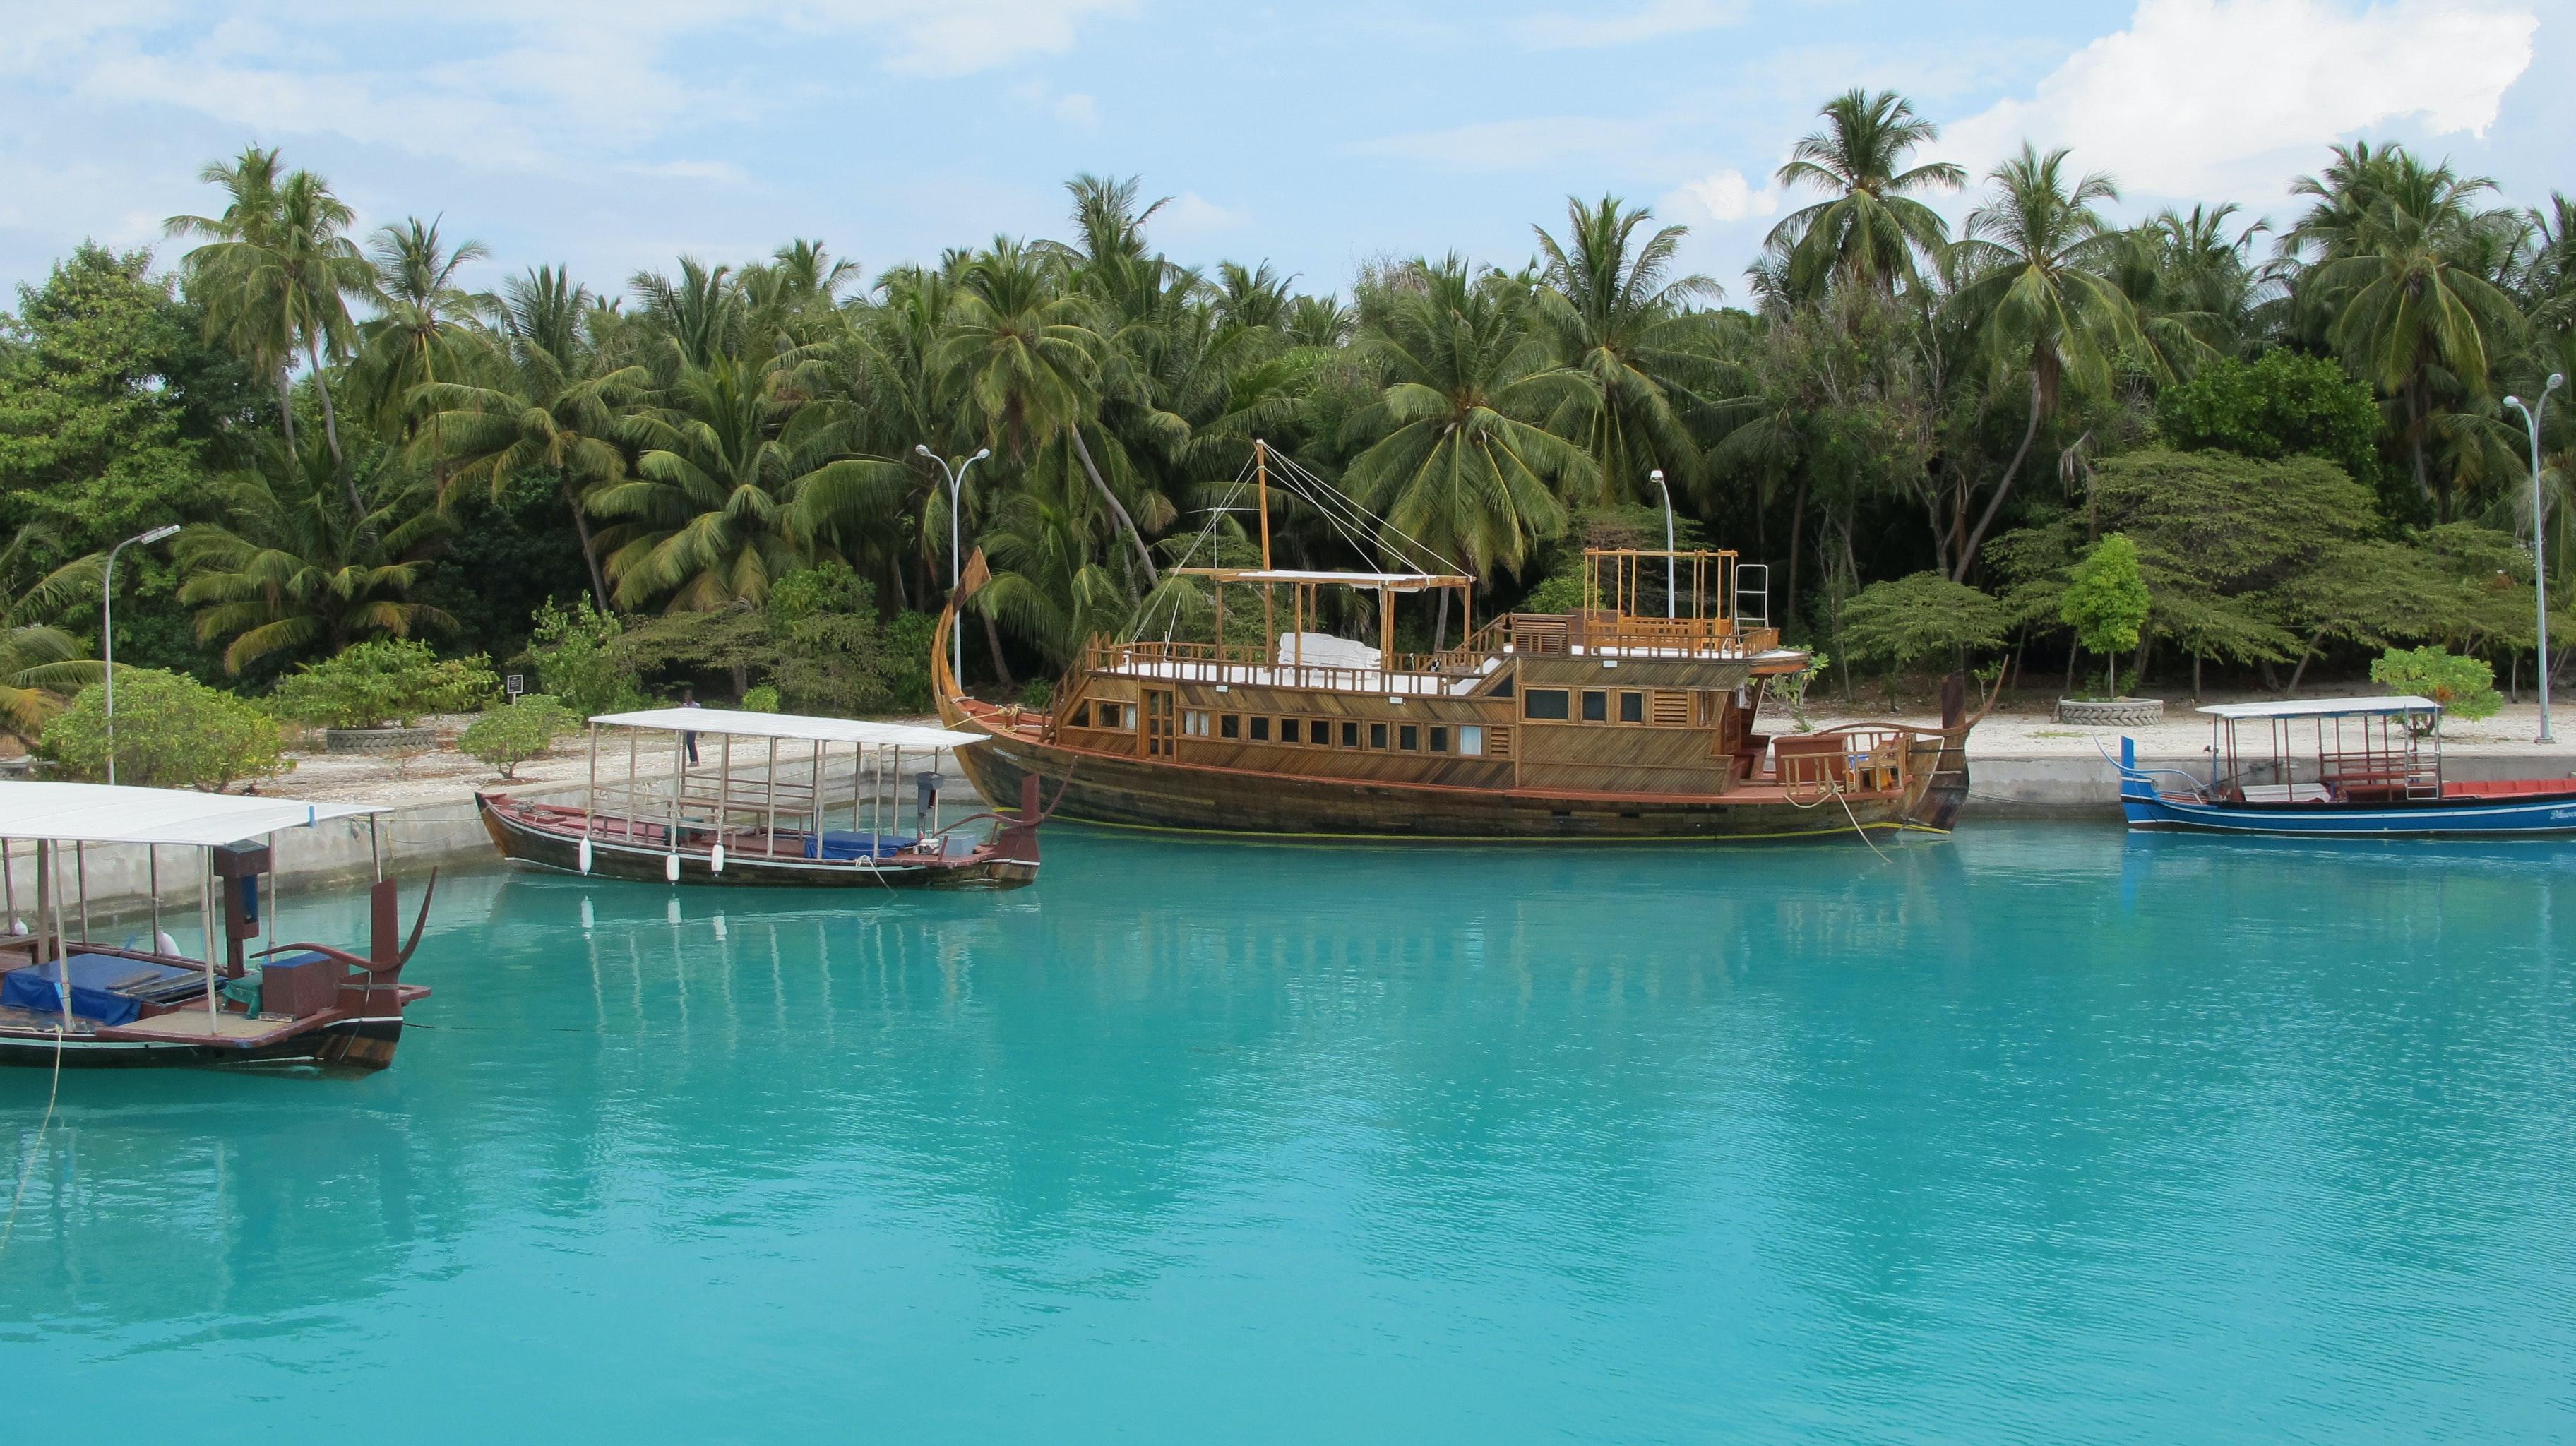 A Dhoni in the Maldives